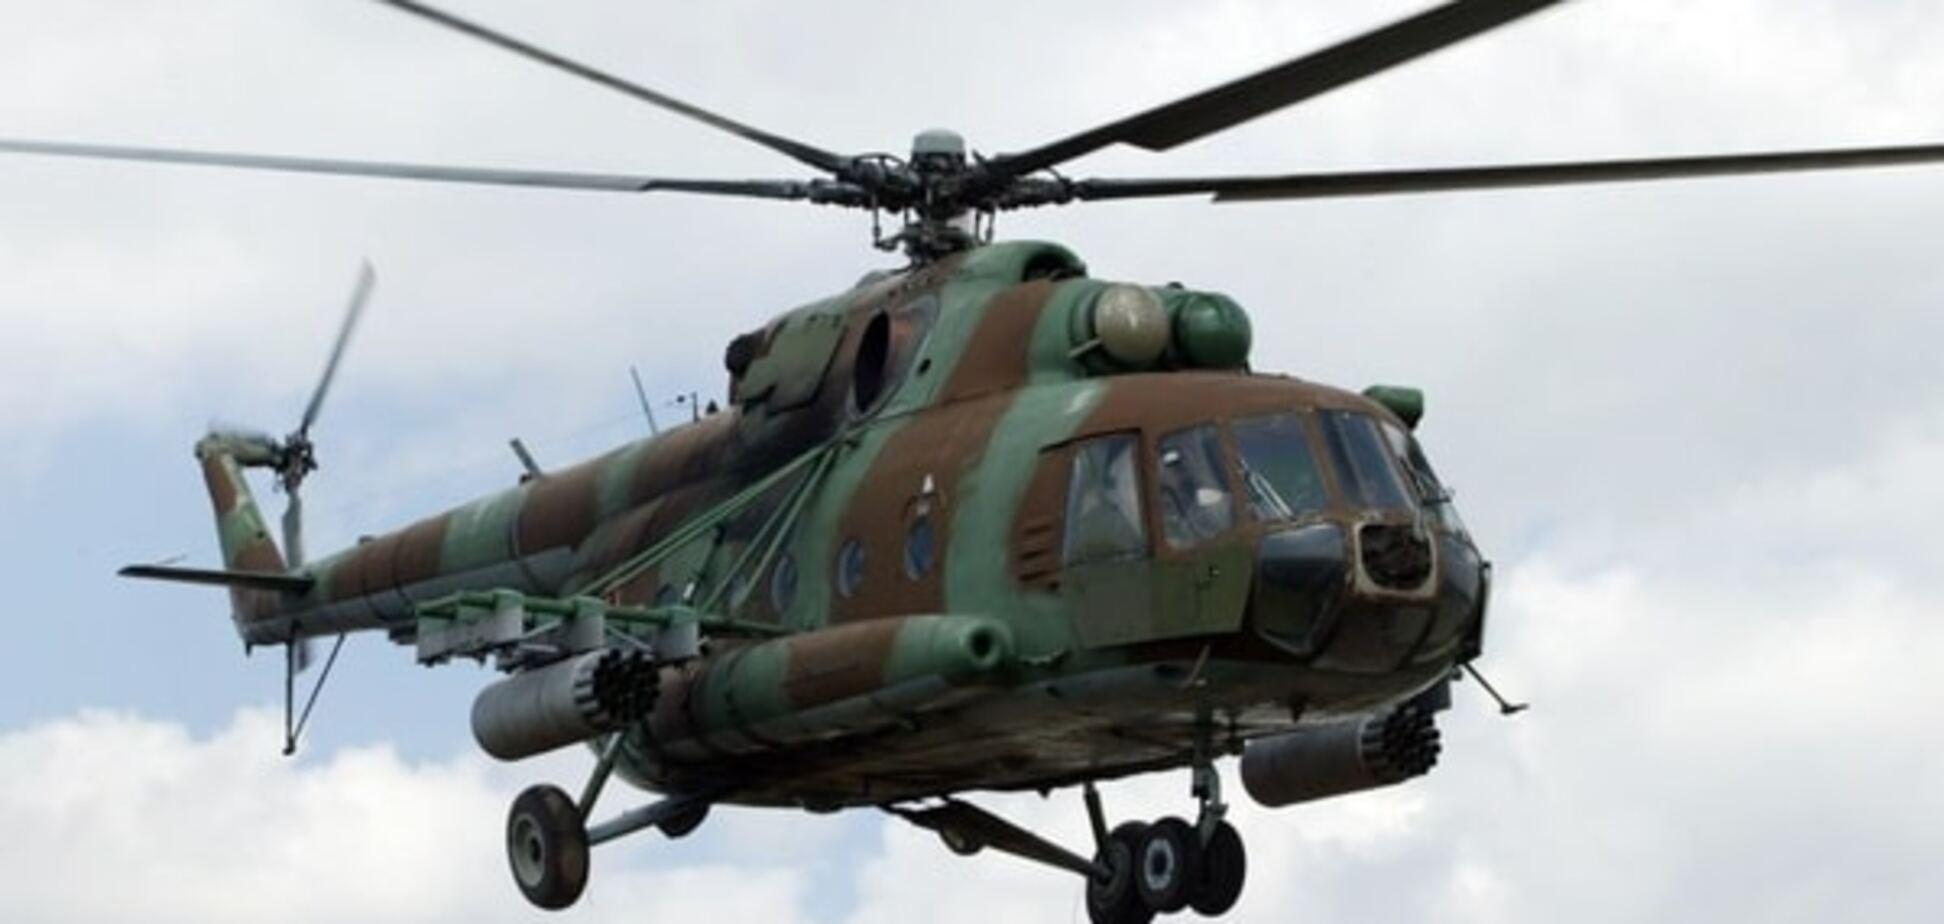 ЗМІ: у Сирії втрачено зв'язок з двома російськими вертольотами